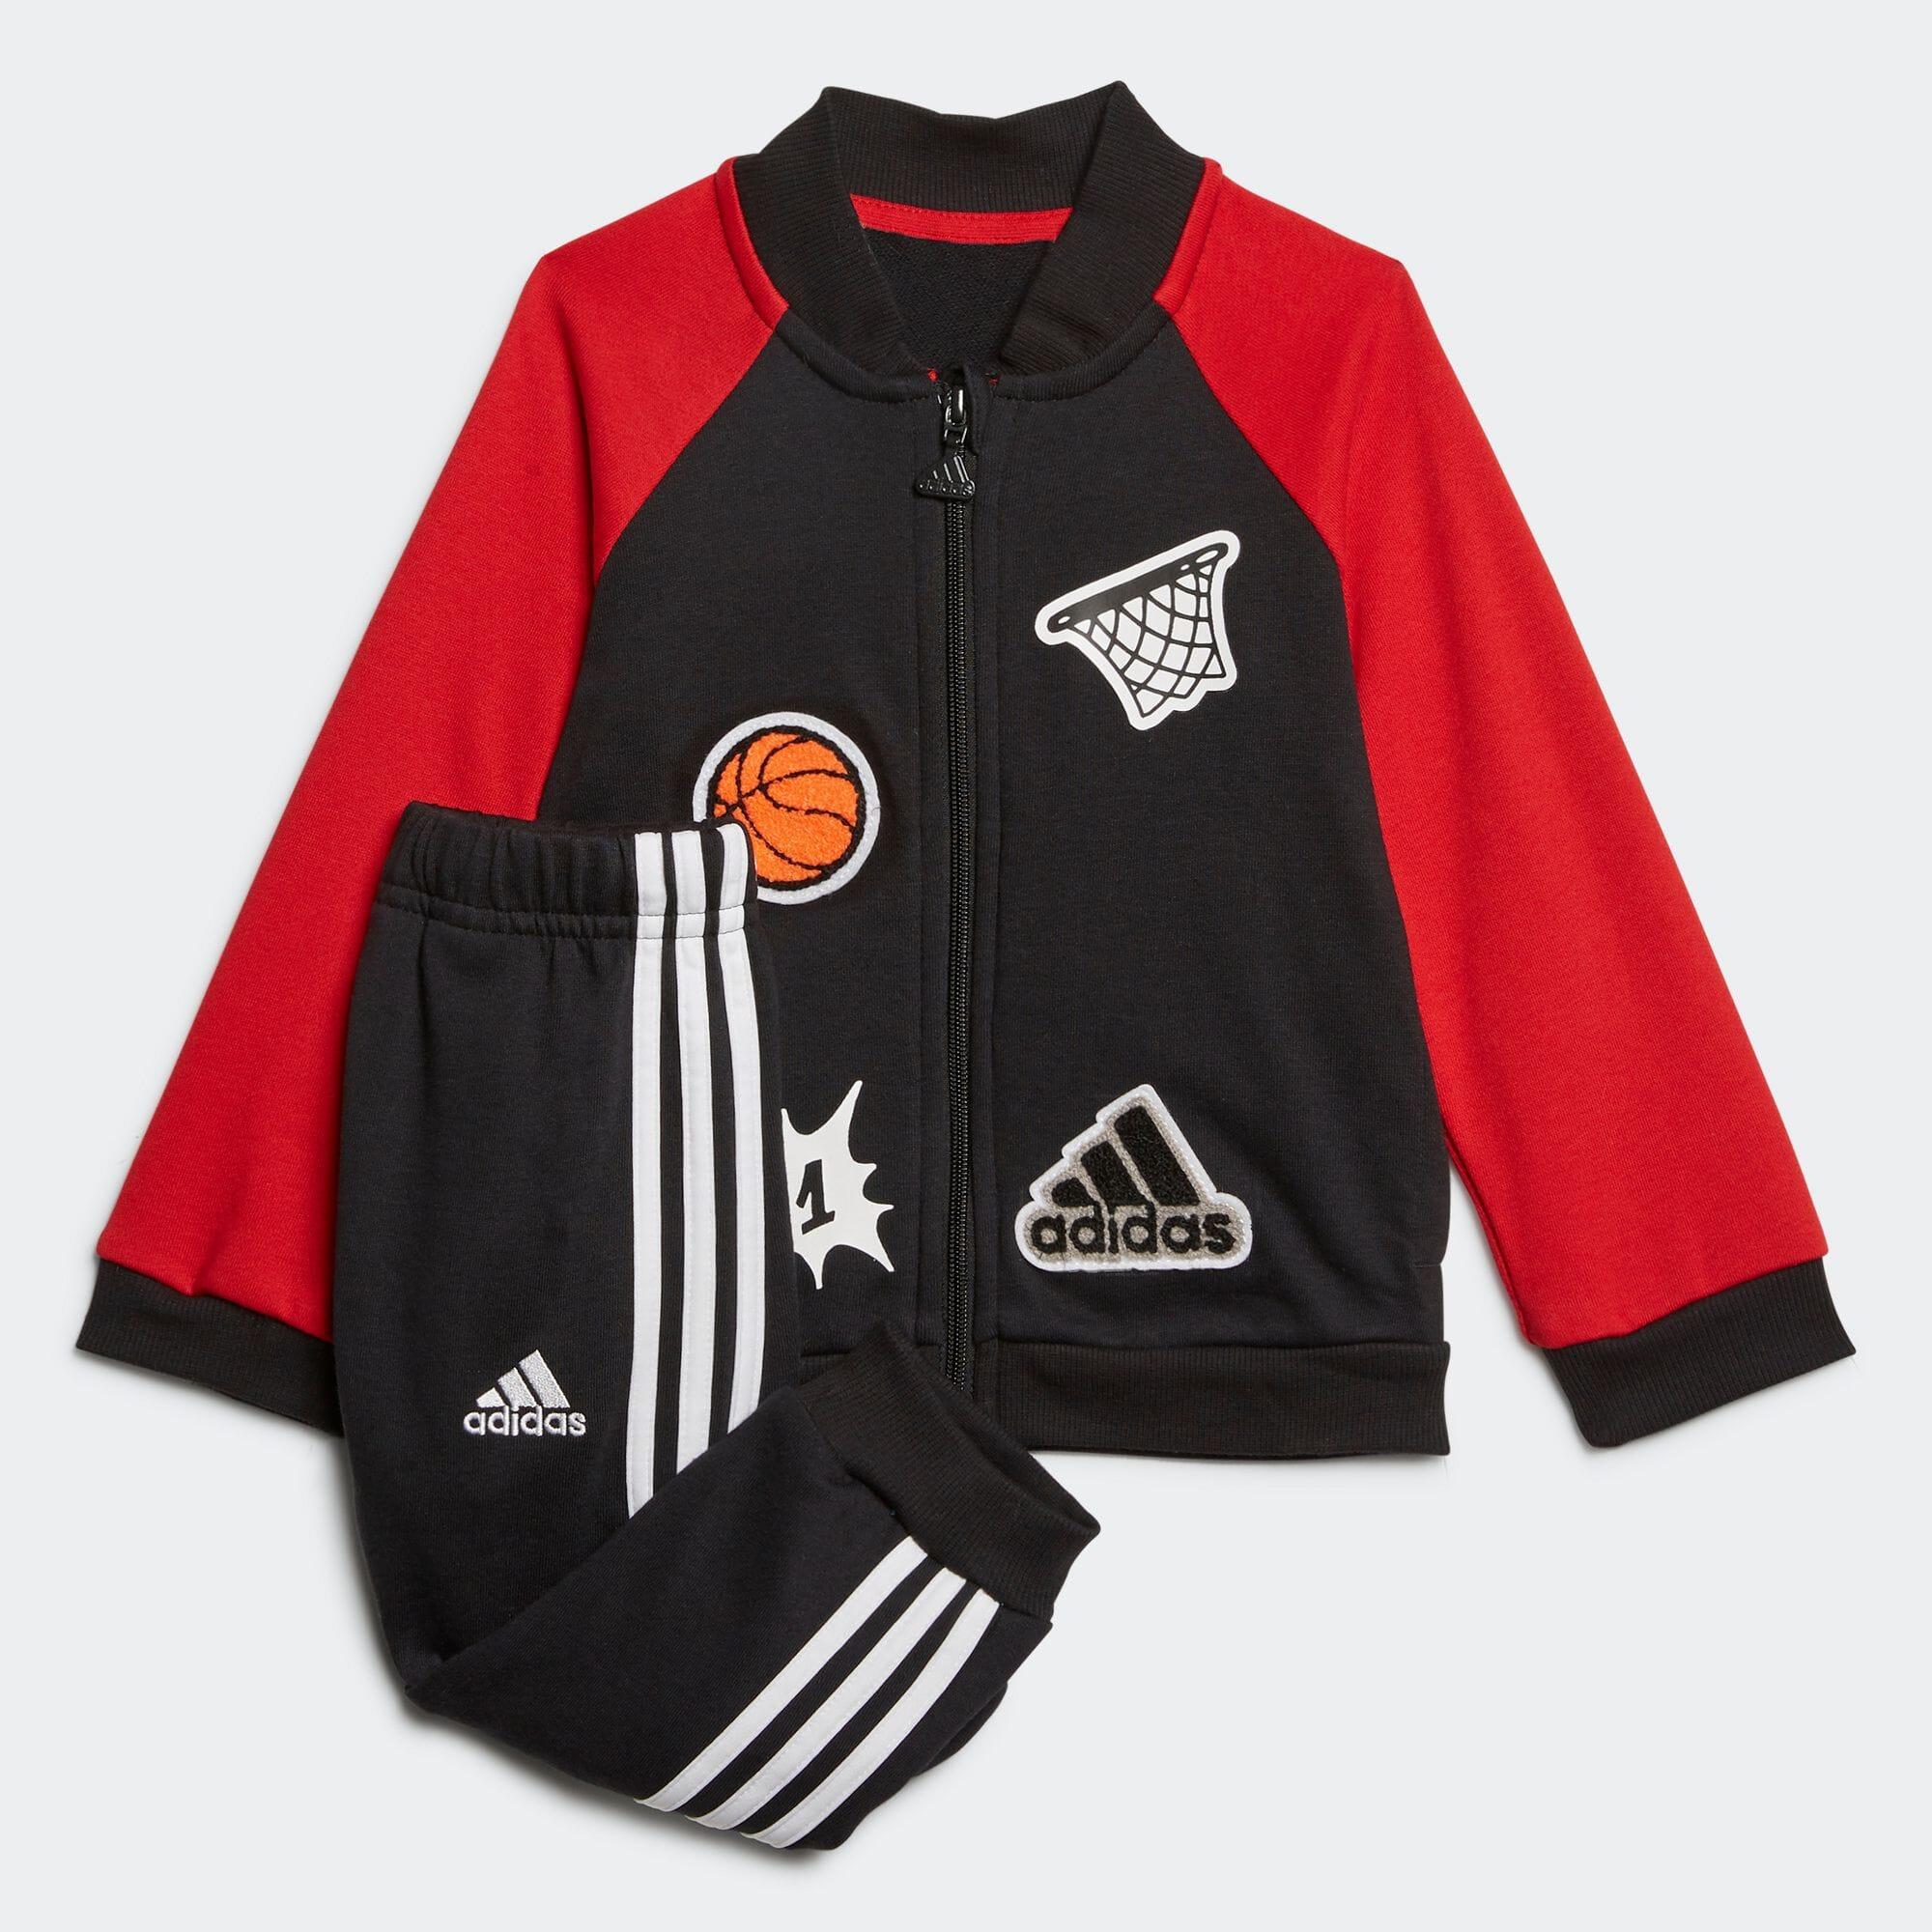 カレッジ トラックスーツ / Collegiate Track Suit